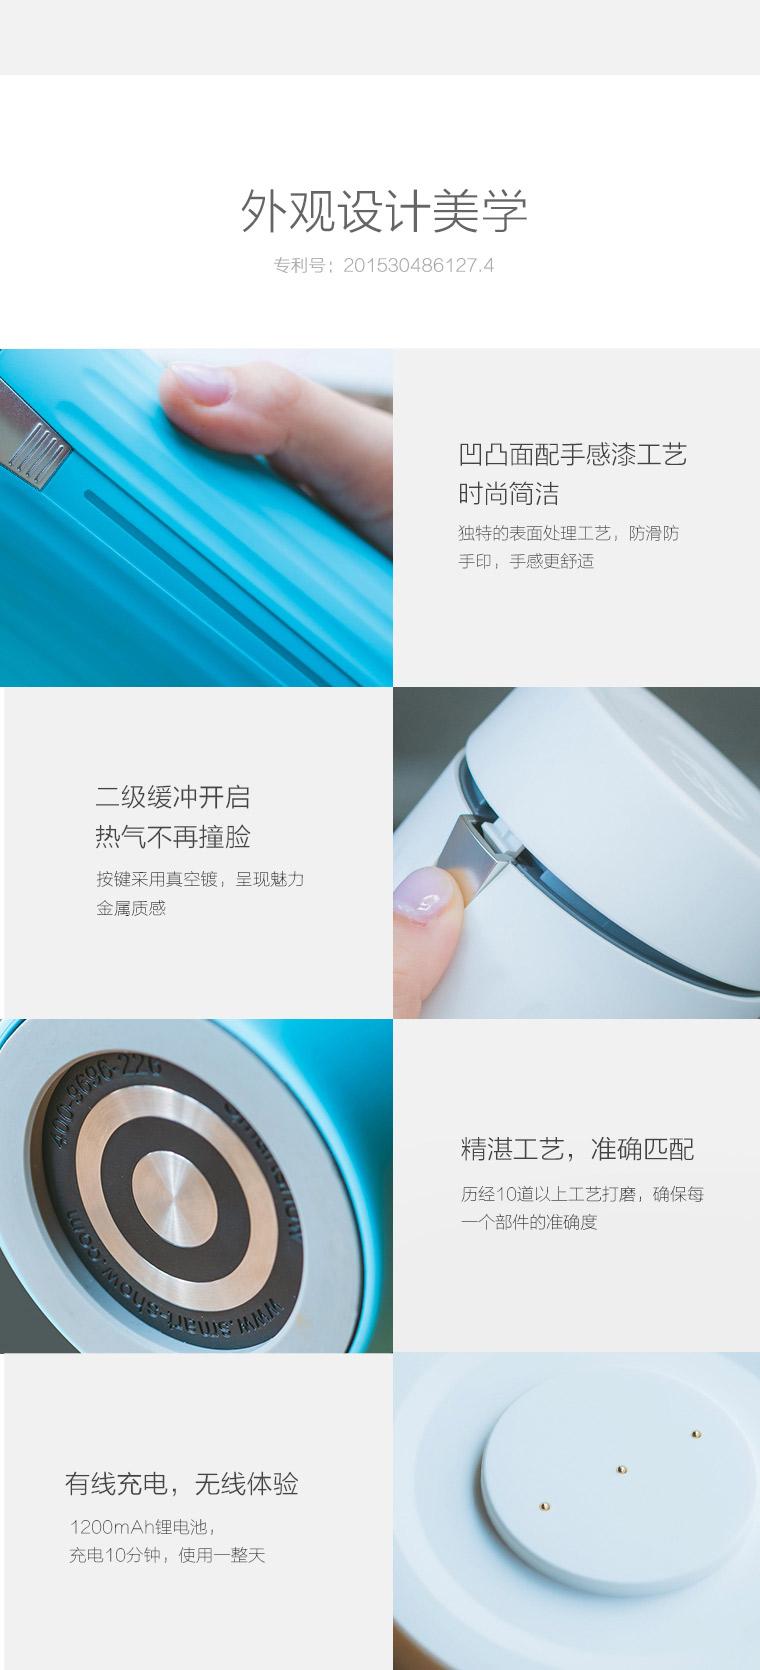 产品详情页-S1时尚版-拼接-NEW1_18.jpg